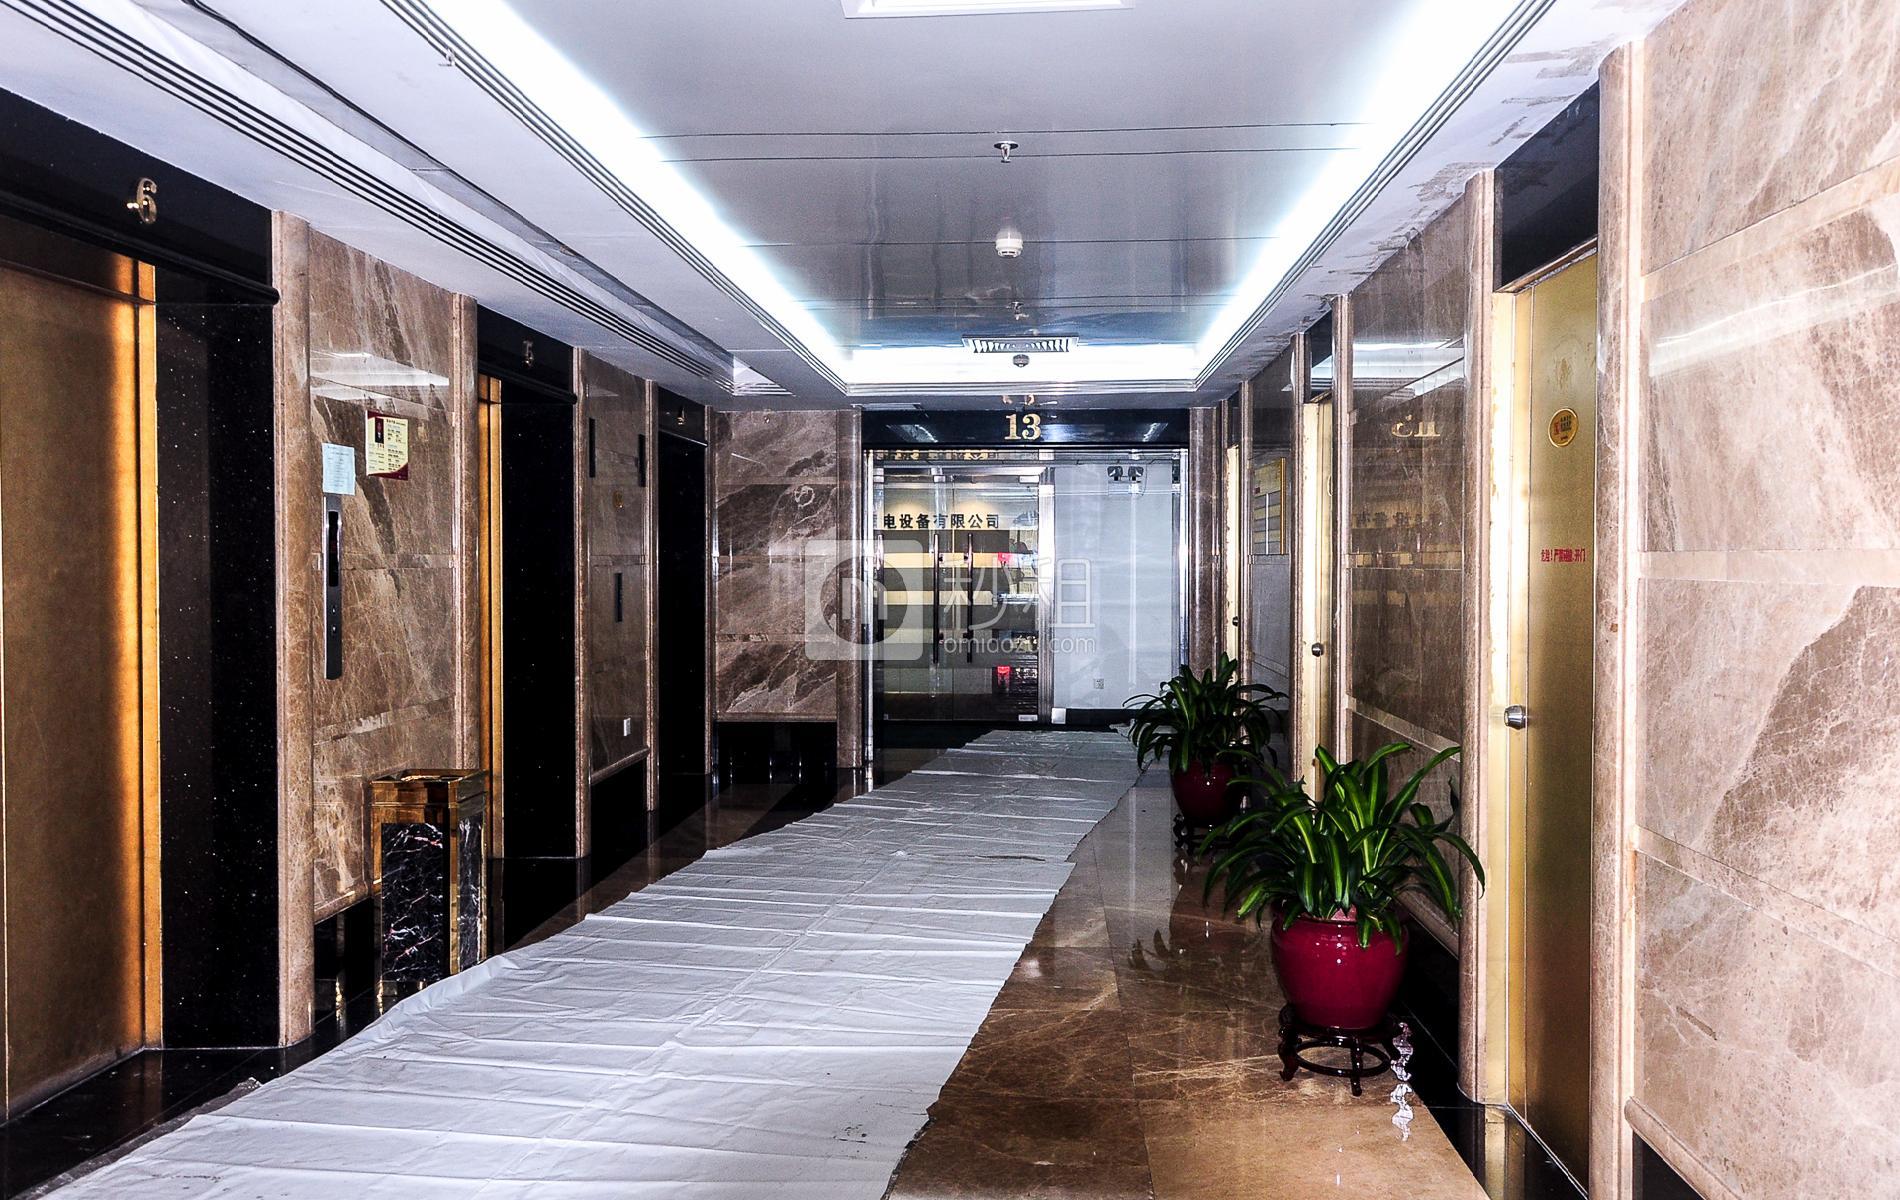 壬丰大厦写字楼出租/招租/租赁,壬丰大厦办公室出租/招租/租赁